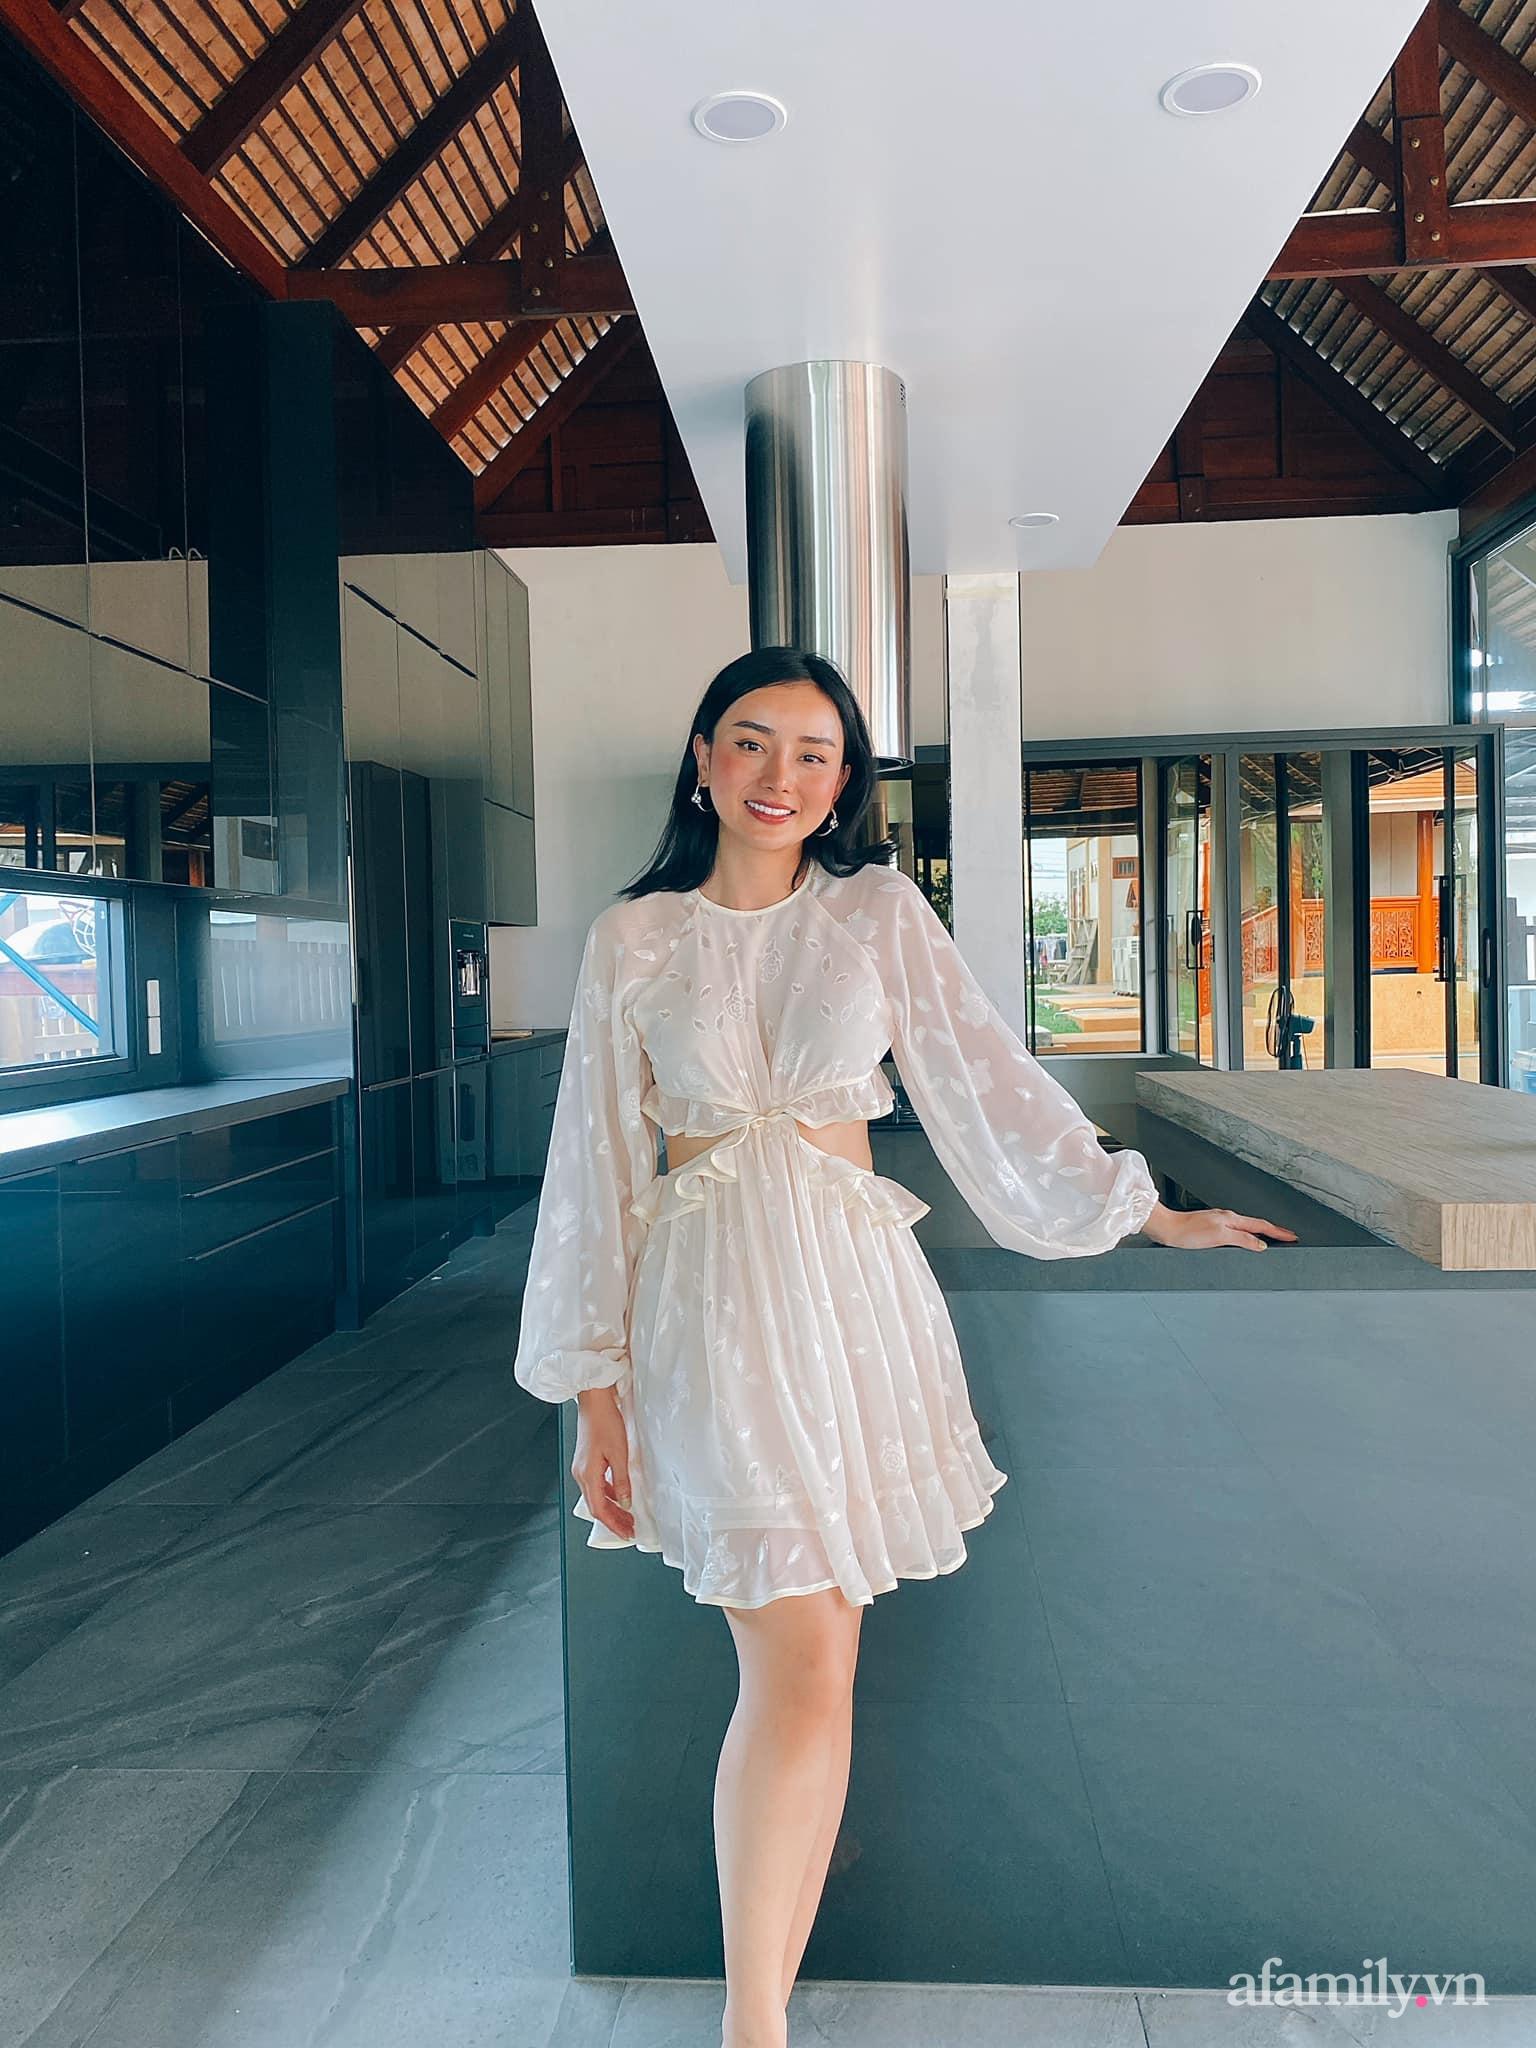 Vợ đại gia Thái Lan khoe căn bếp 3,7 tỷ chồng tặng: Toàn món đồ bếp dòng mới nhất của thương hiệu ngoại cao cấp này - Ảnh 1.